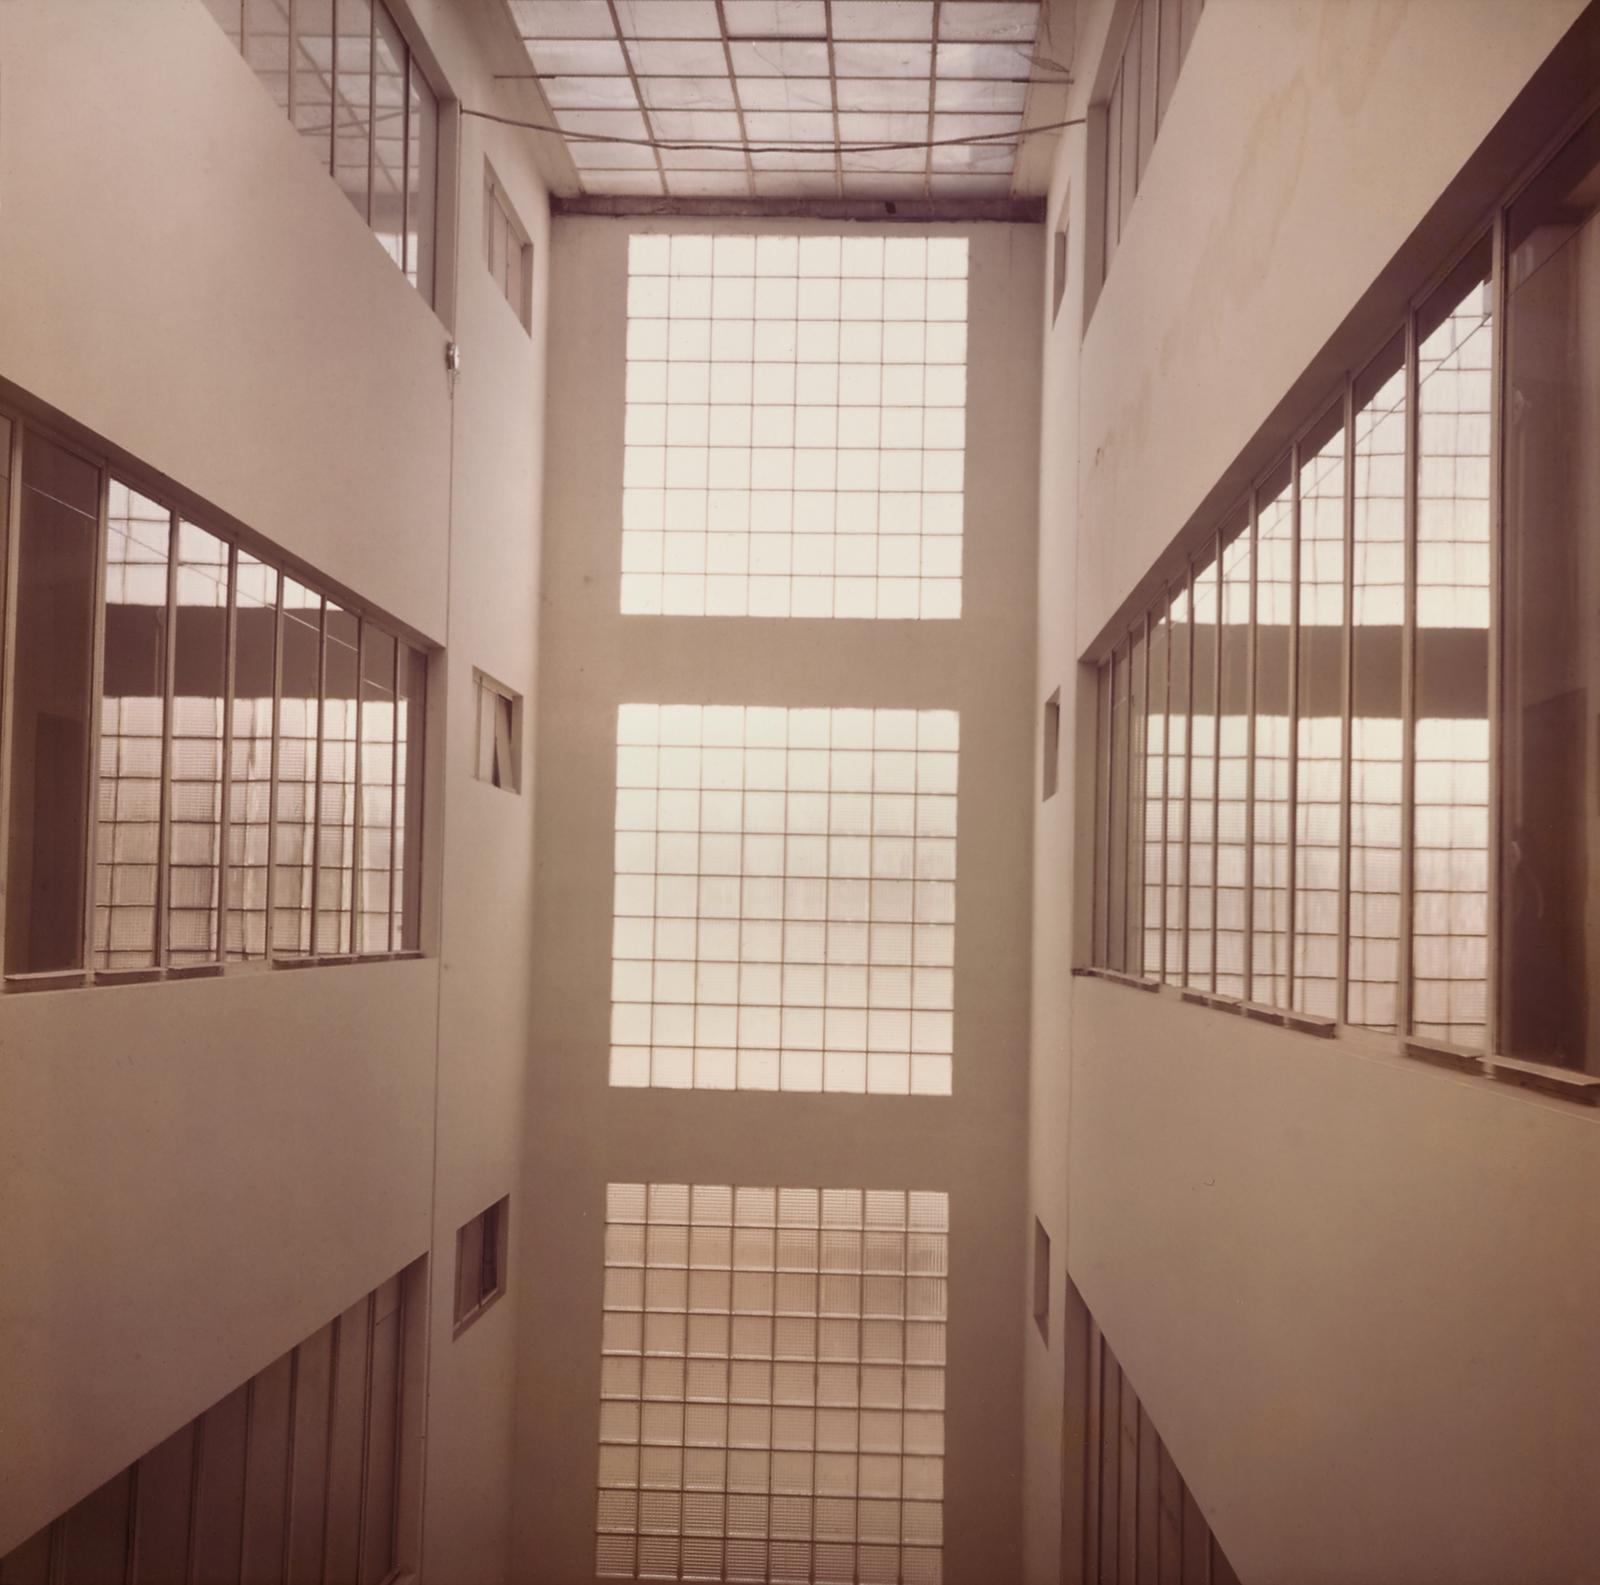 La Paz - Chancery Office Building - 1972